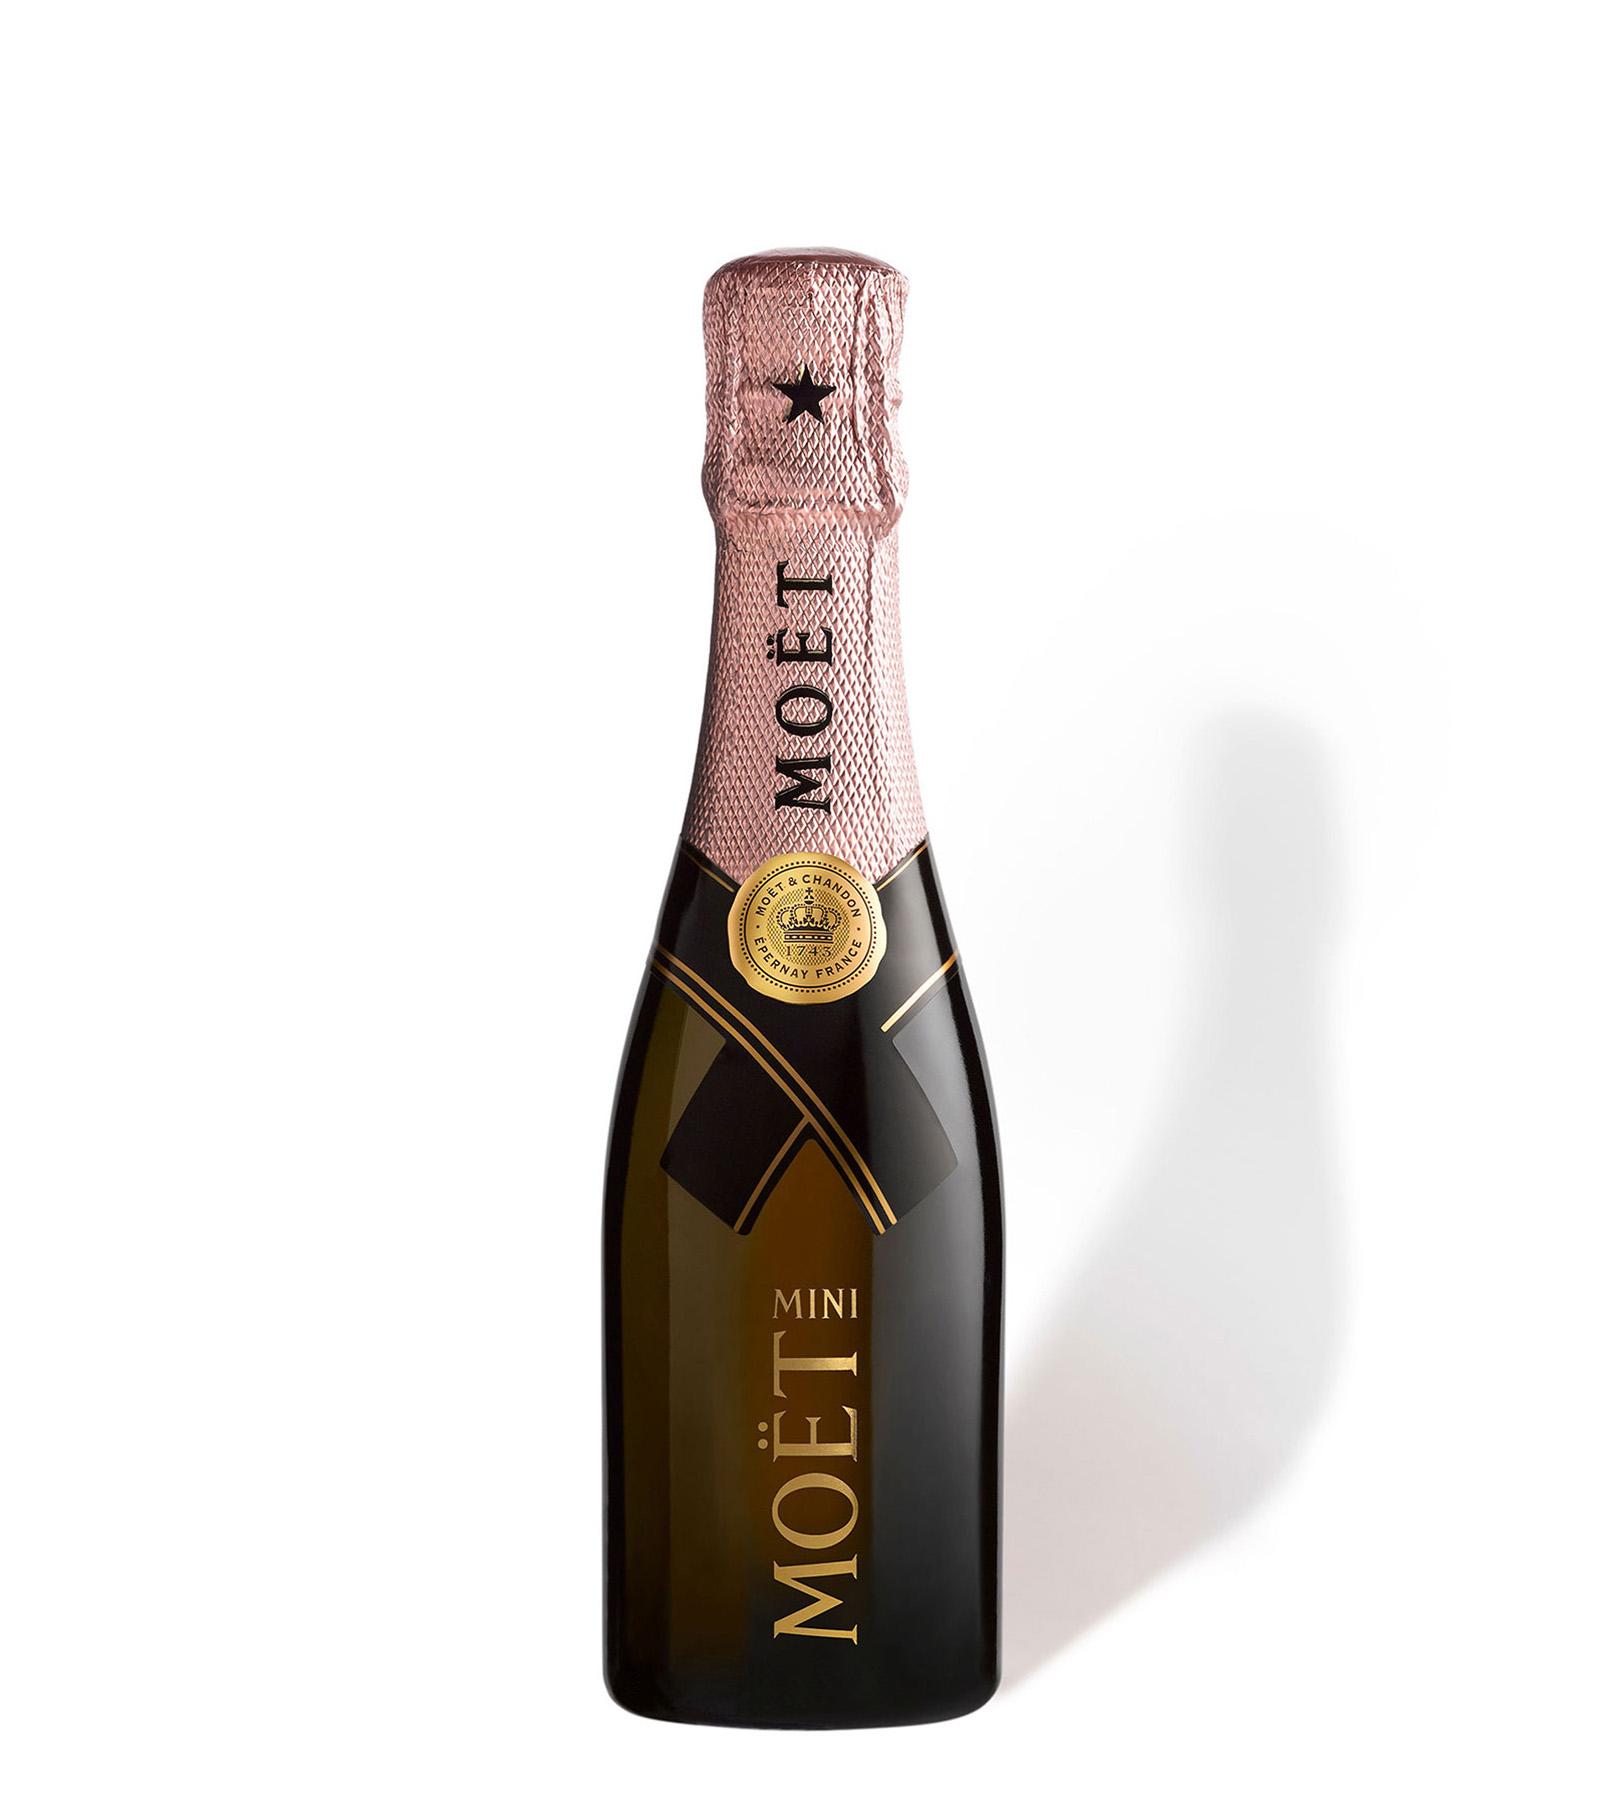 send mini moet chandon rose champagne 20cl online. Black Bedroom Furniture Sets. Home Design Ideas